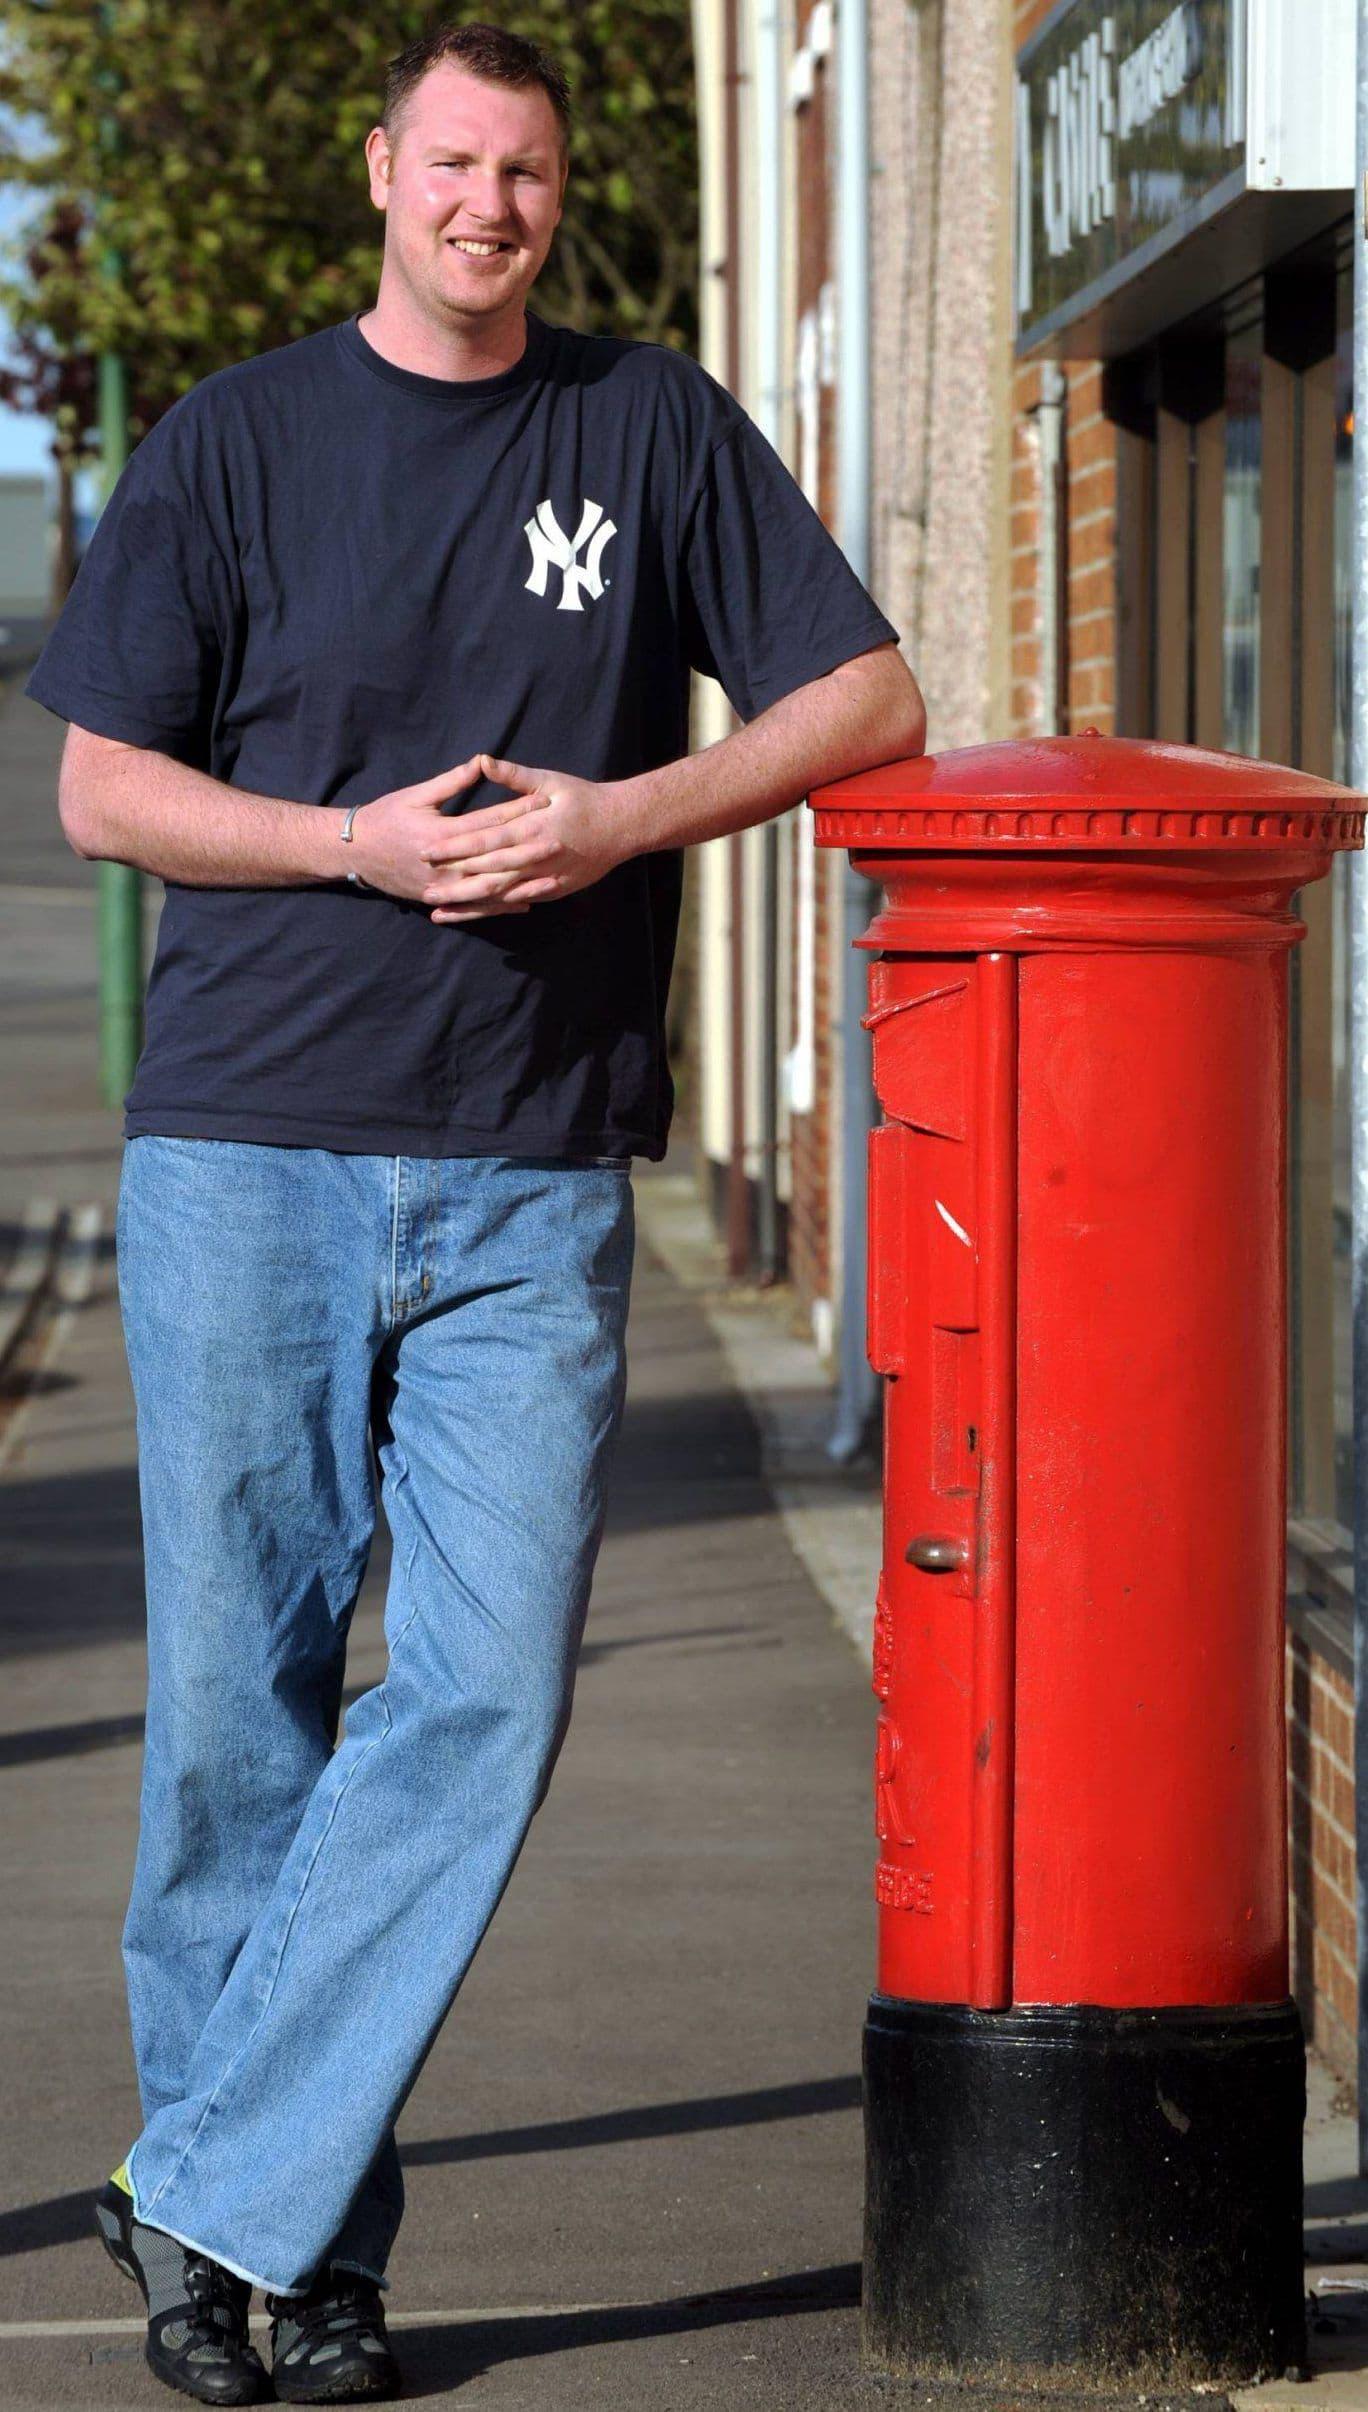 Neil je bio visok 234 cm i bio je najviši čovek u Velikoj Britaniji (foto: NorthNews)